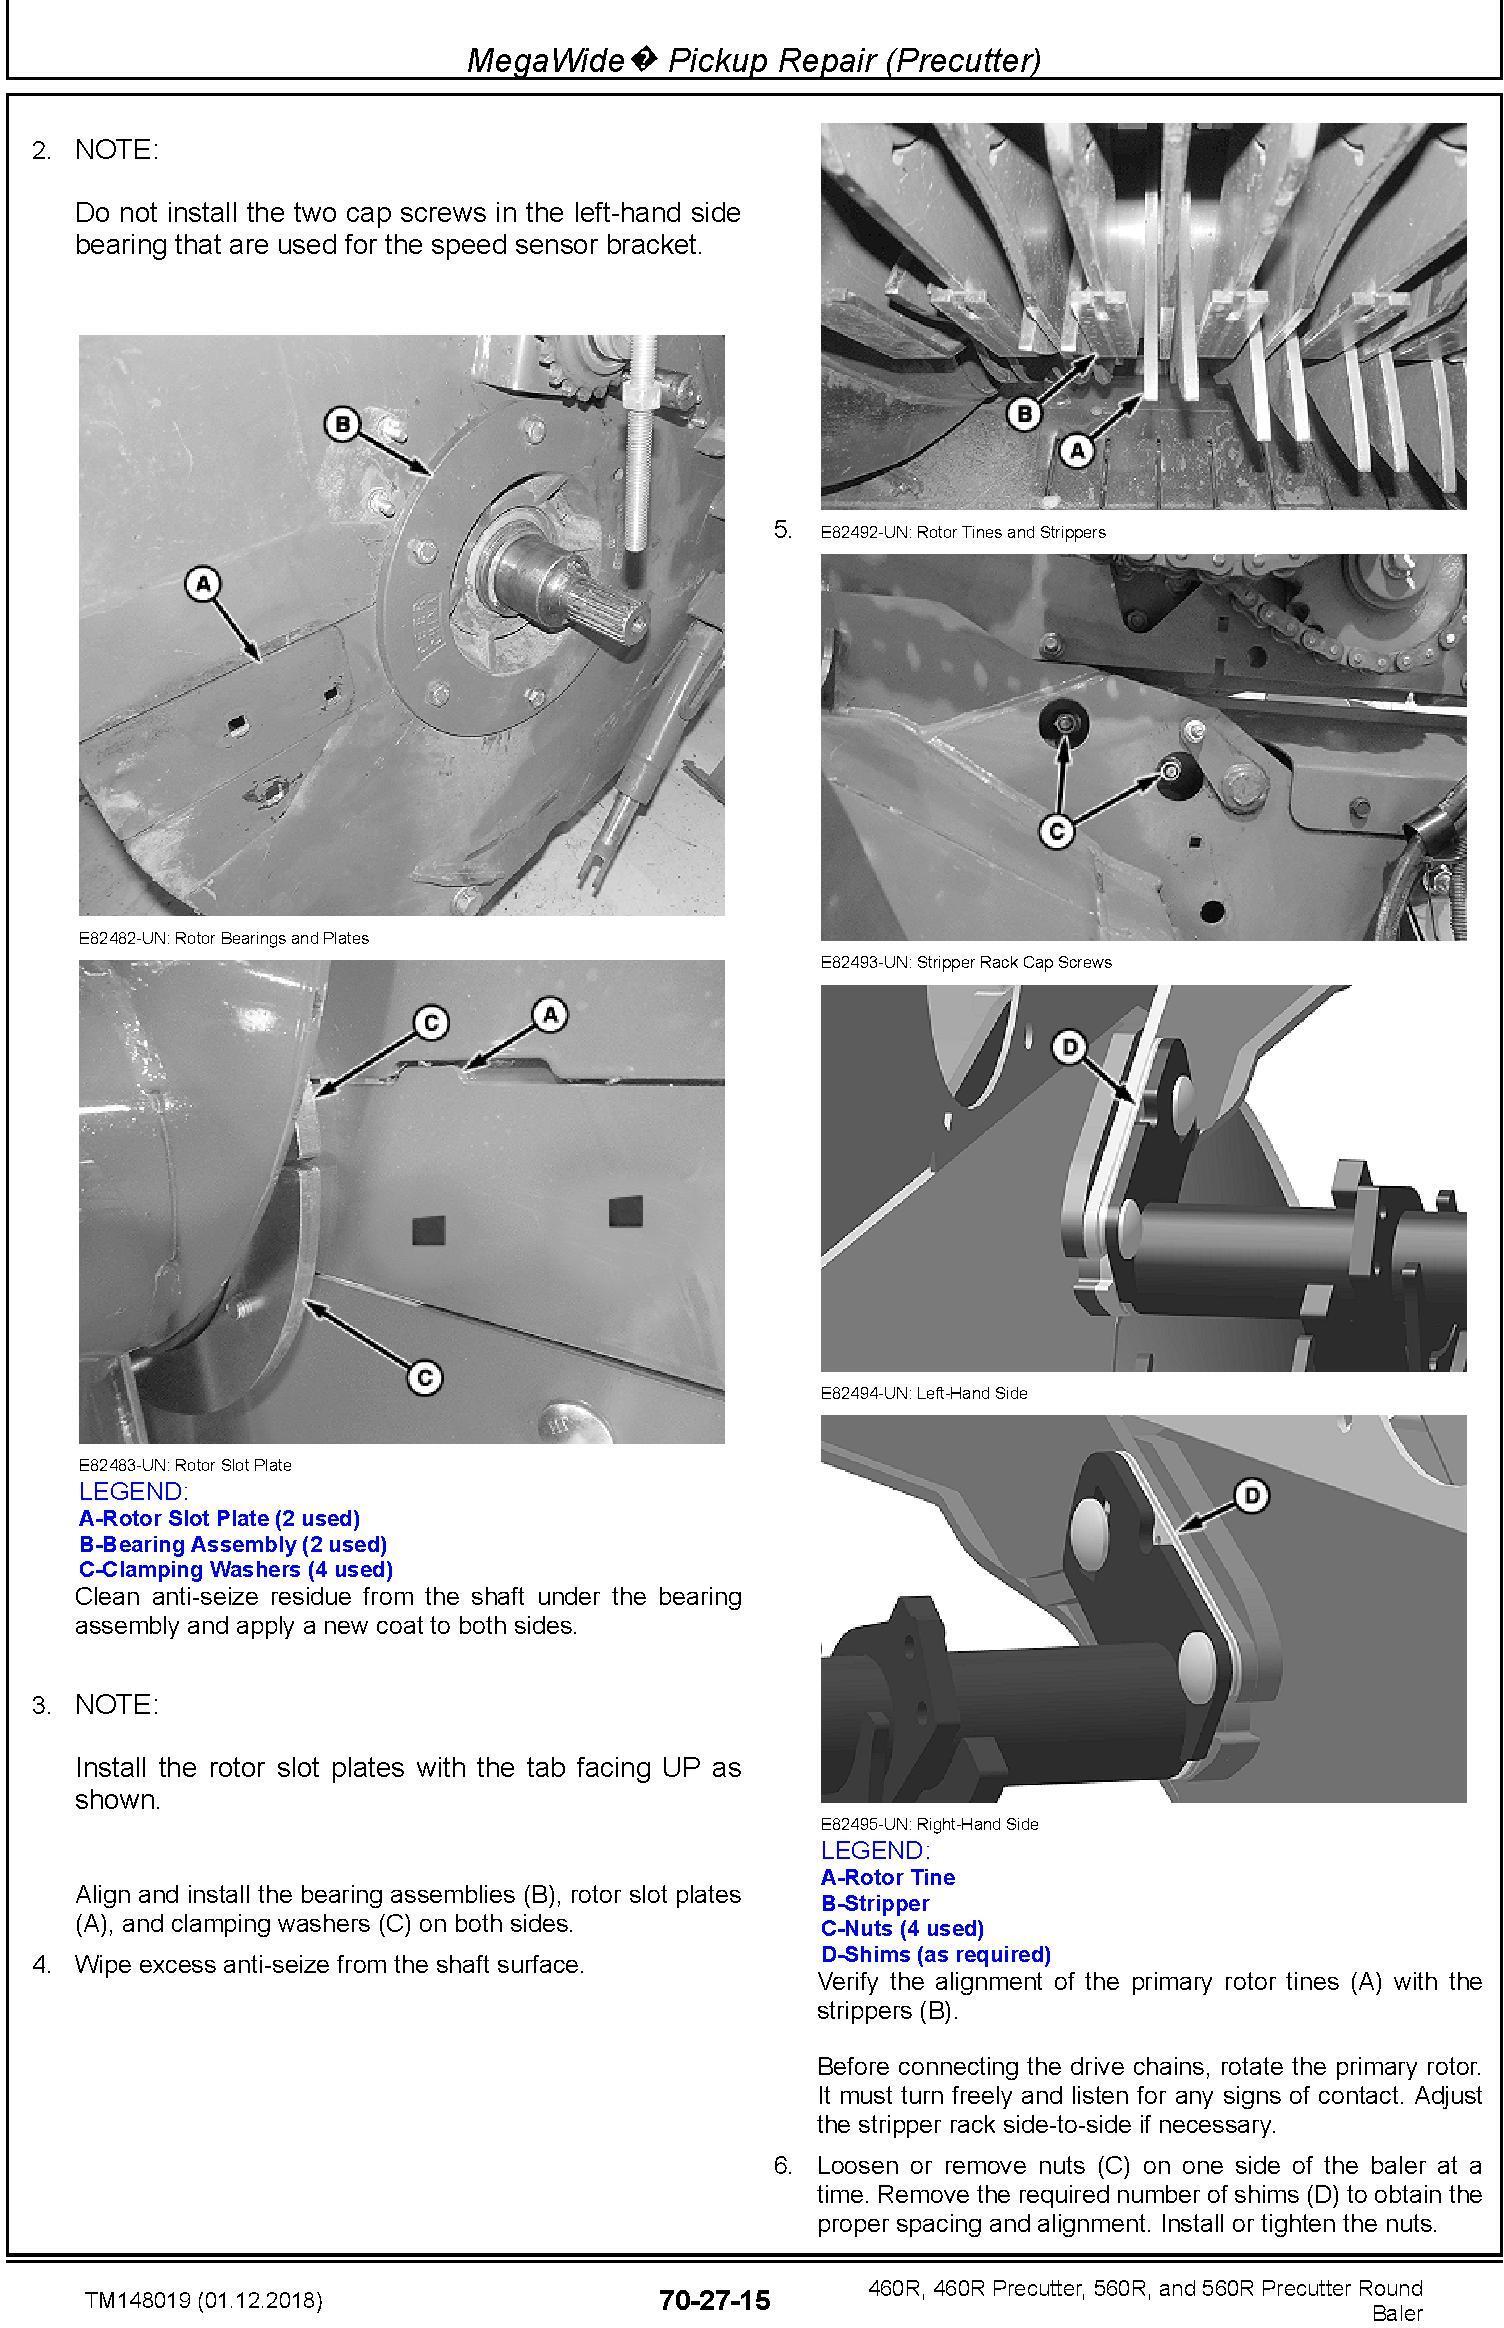 John Deere 460R, 460R Precutter, 560R, and 560R Precutter Round Baler Technical Manual (TM148019) - 2